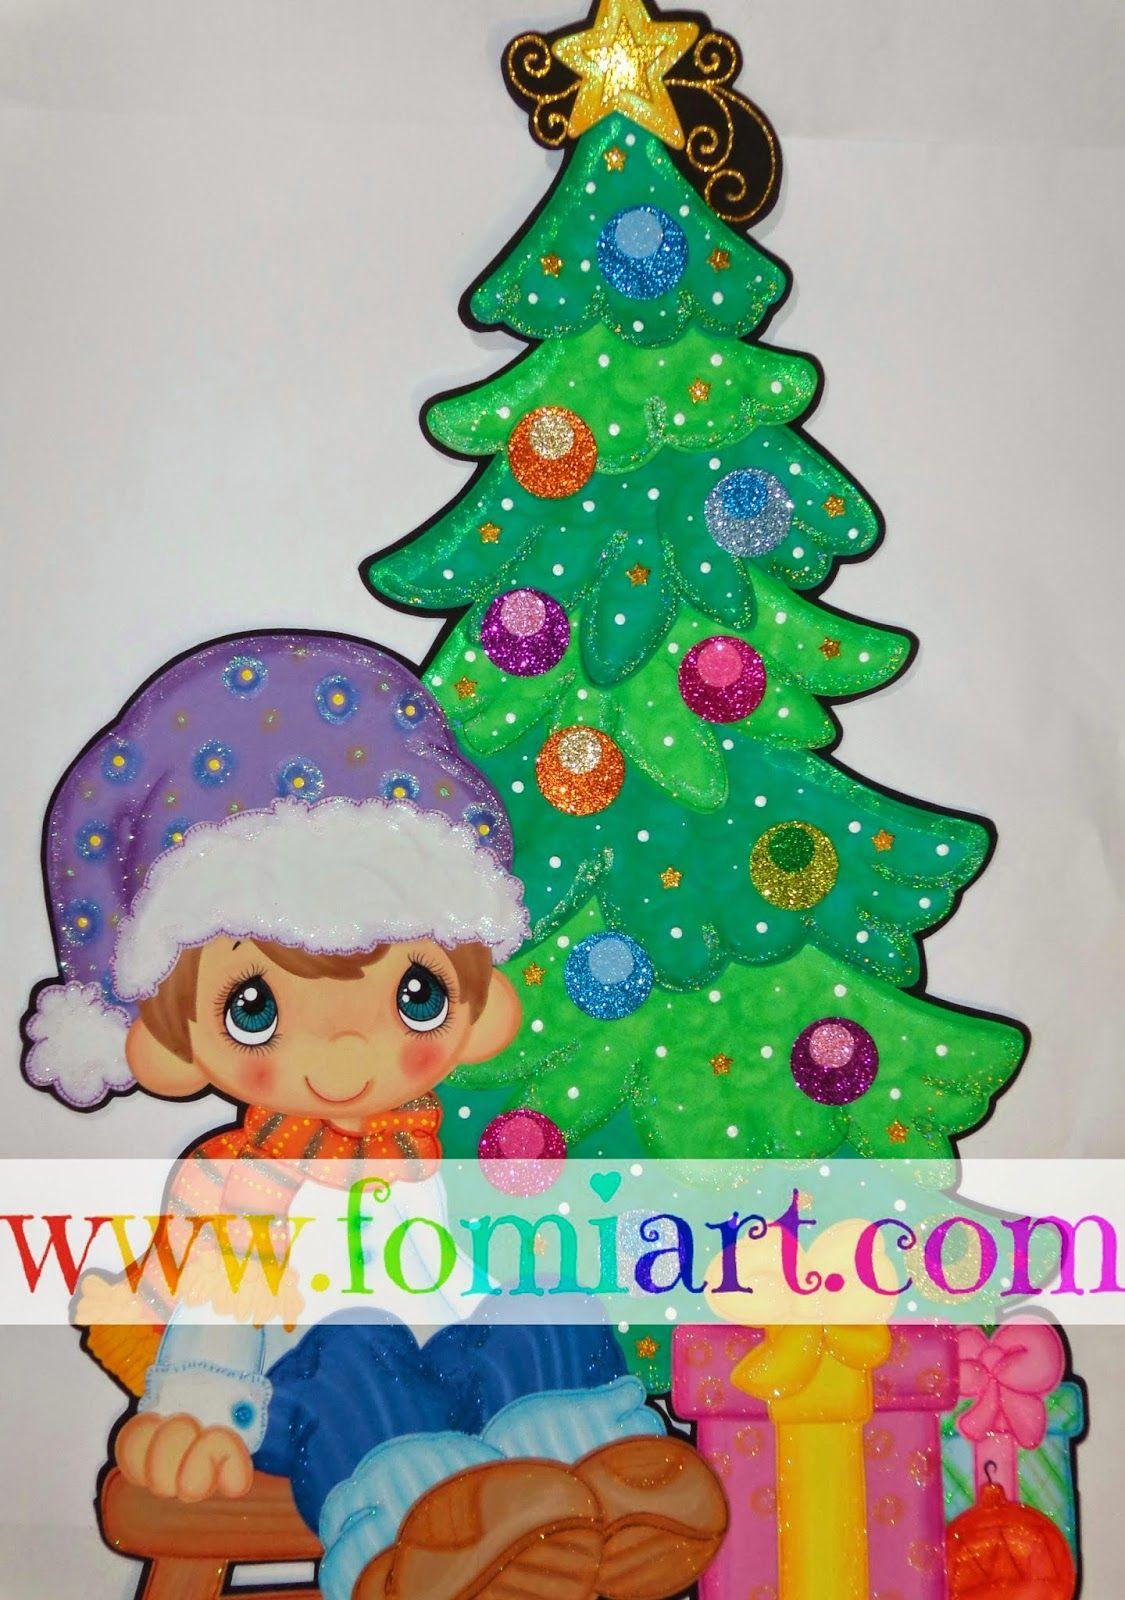 Fomiart+Diciembre+Arbol+de+Navidad+CON+NIÑO.jpg (1125×1600)